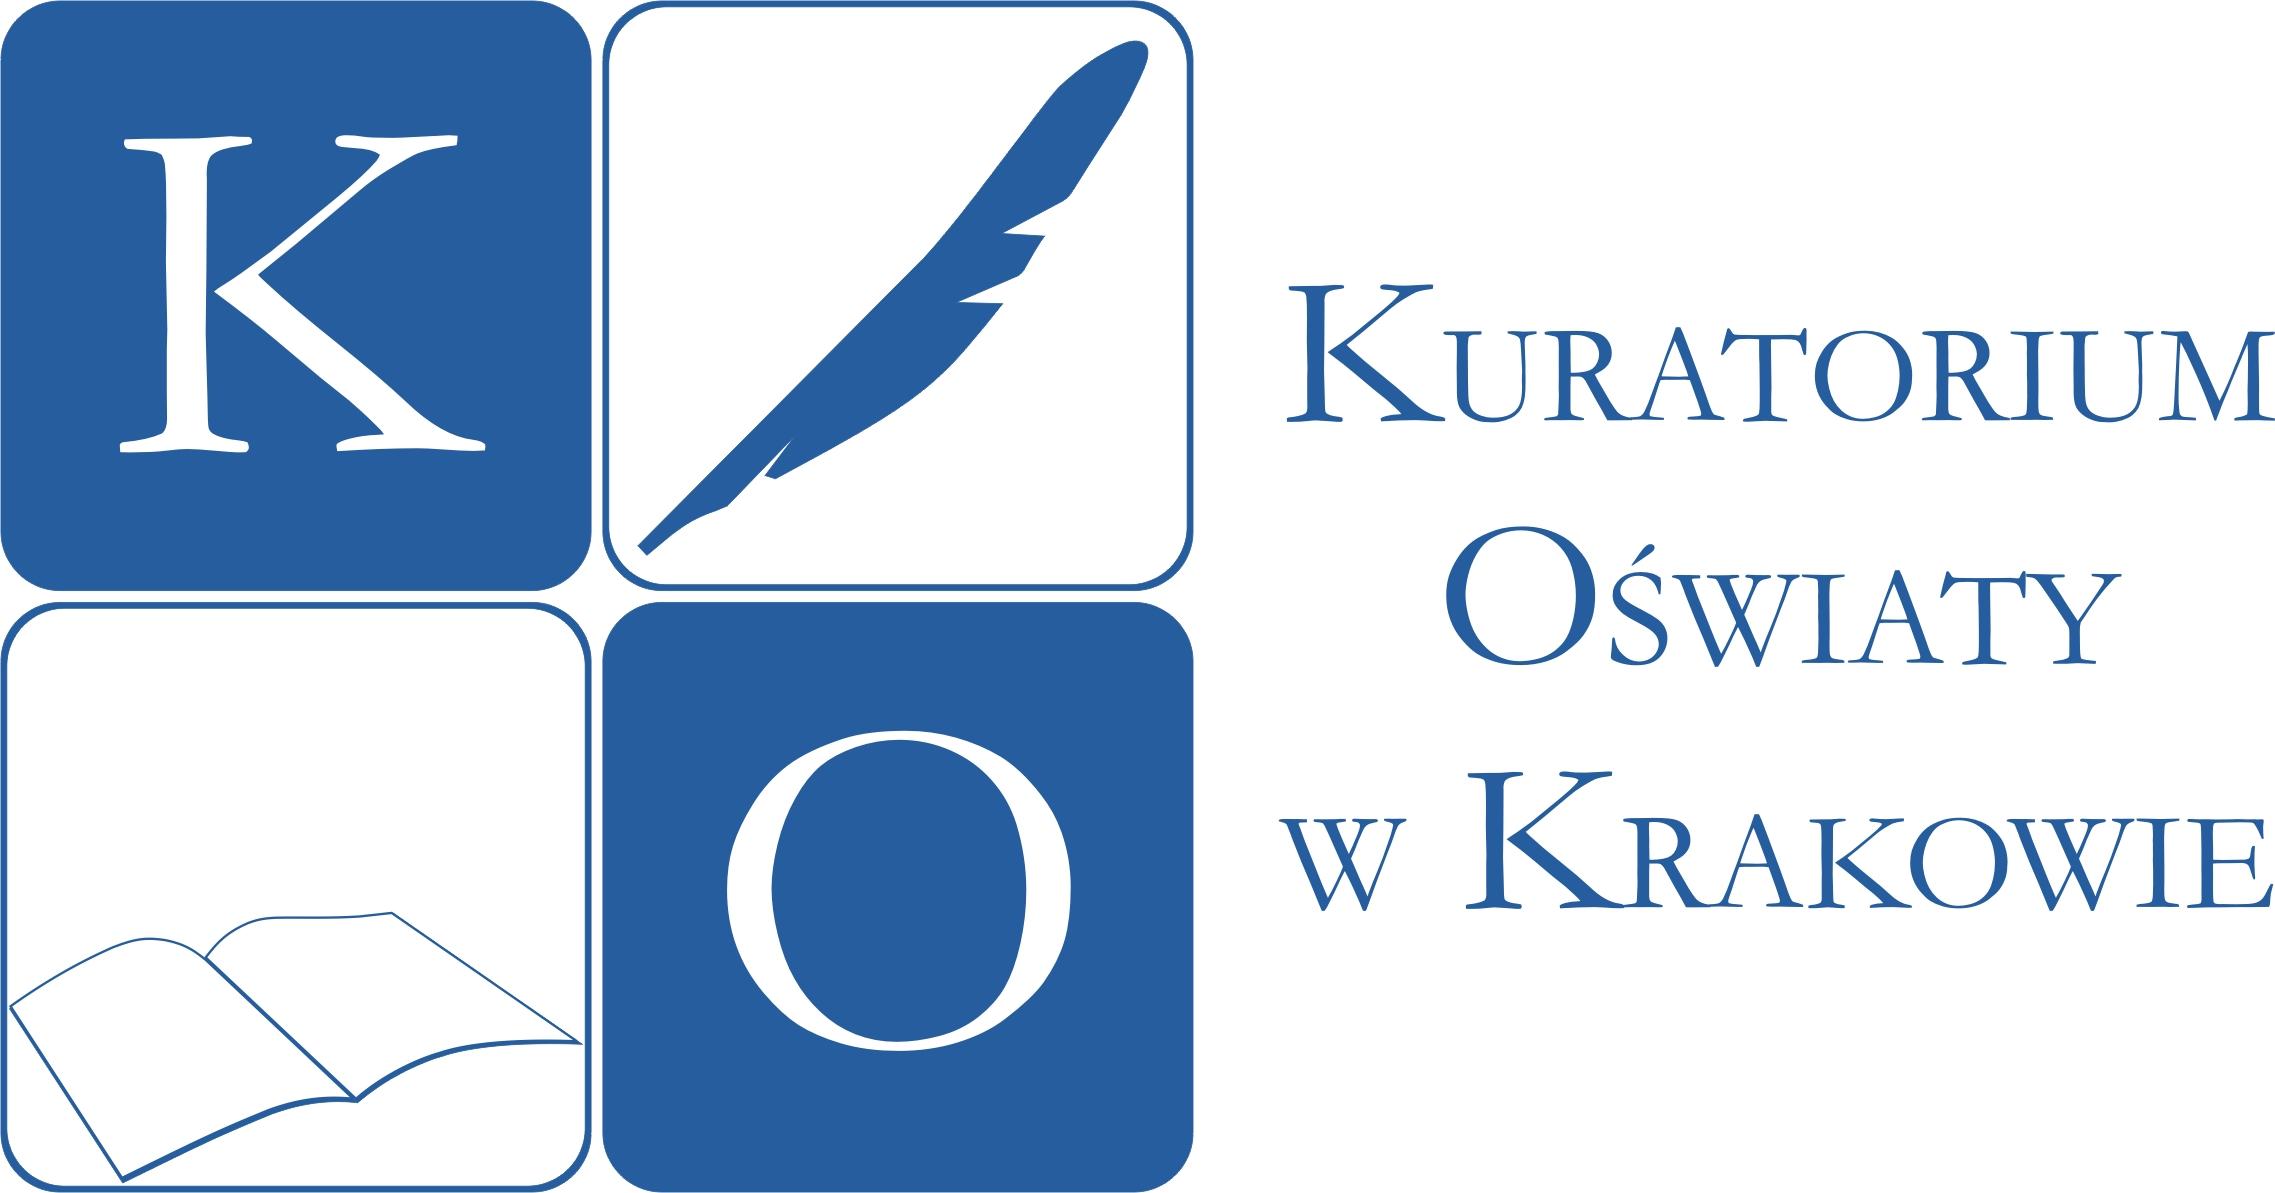 logo kuratorium oswiaty w krakowie